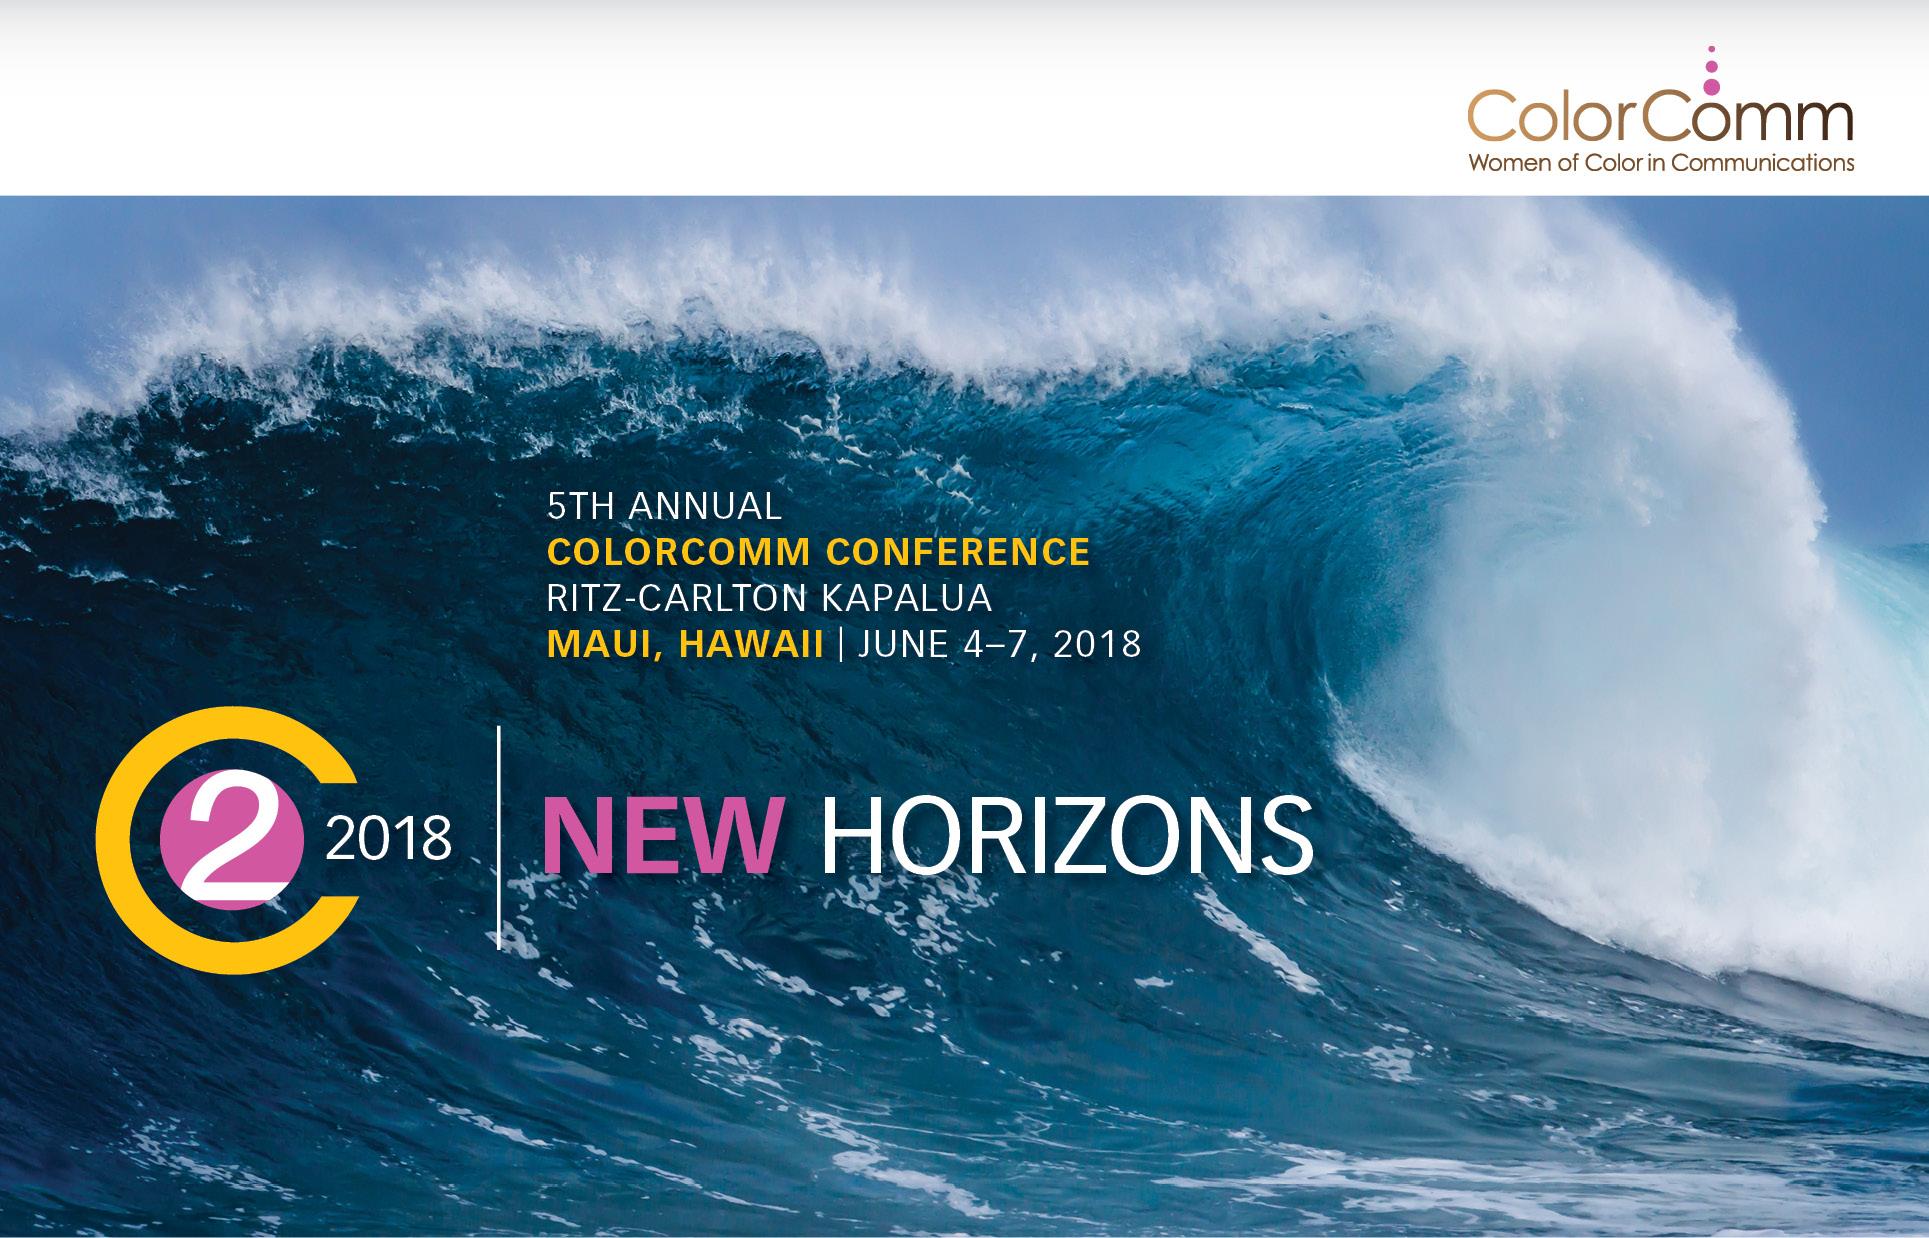 C2 New Horizons